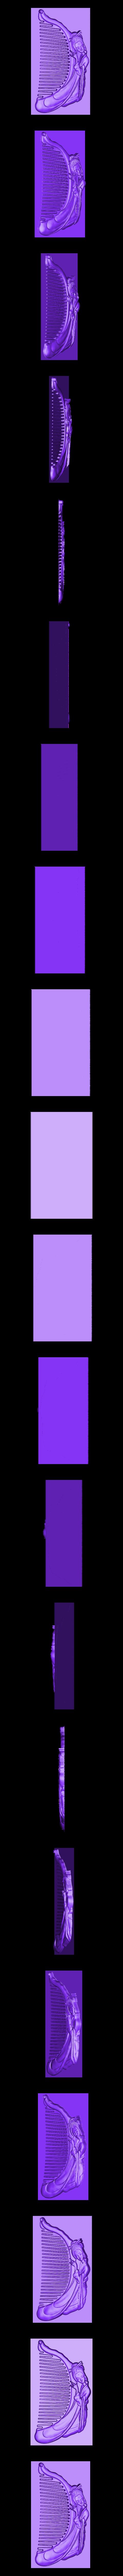 peine 3dlito.stl Télécharger fichier STL gratuit COMB (Comb) • Modèle à imprimer en 3D, 3dlito